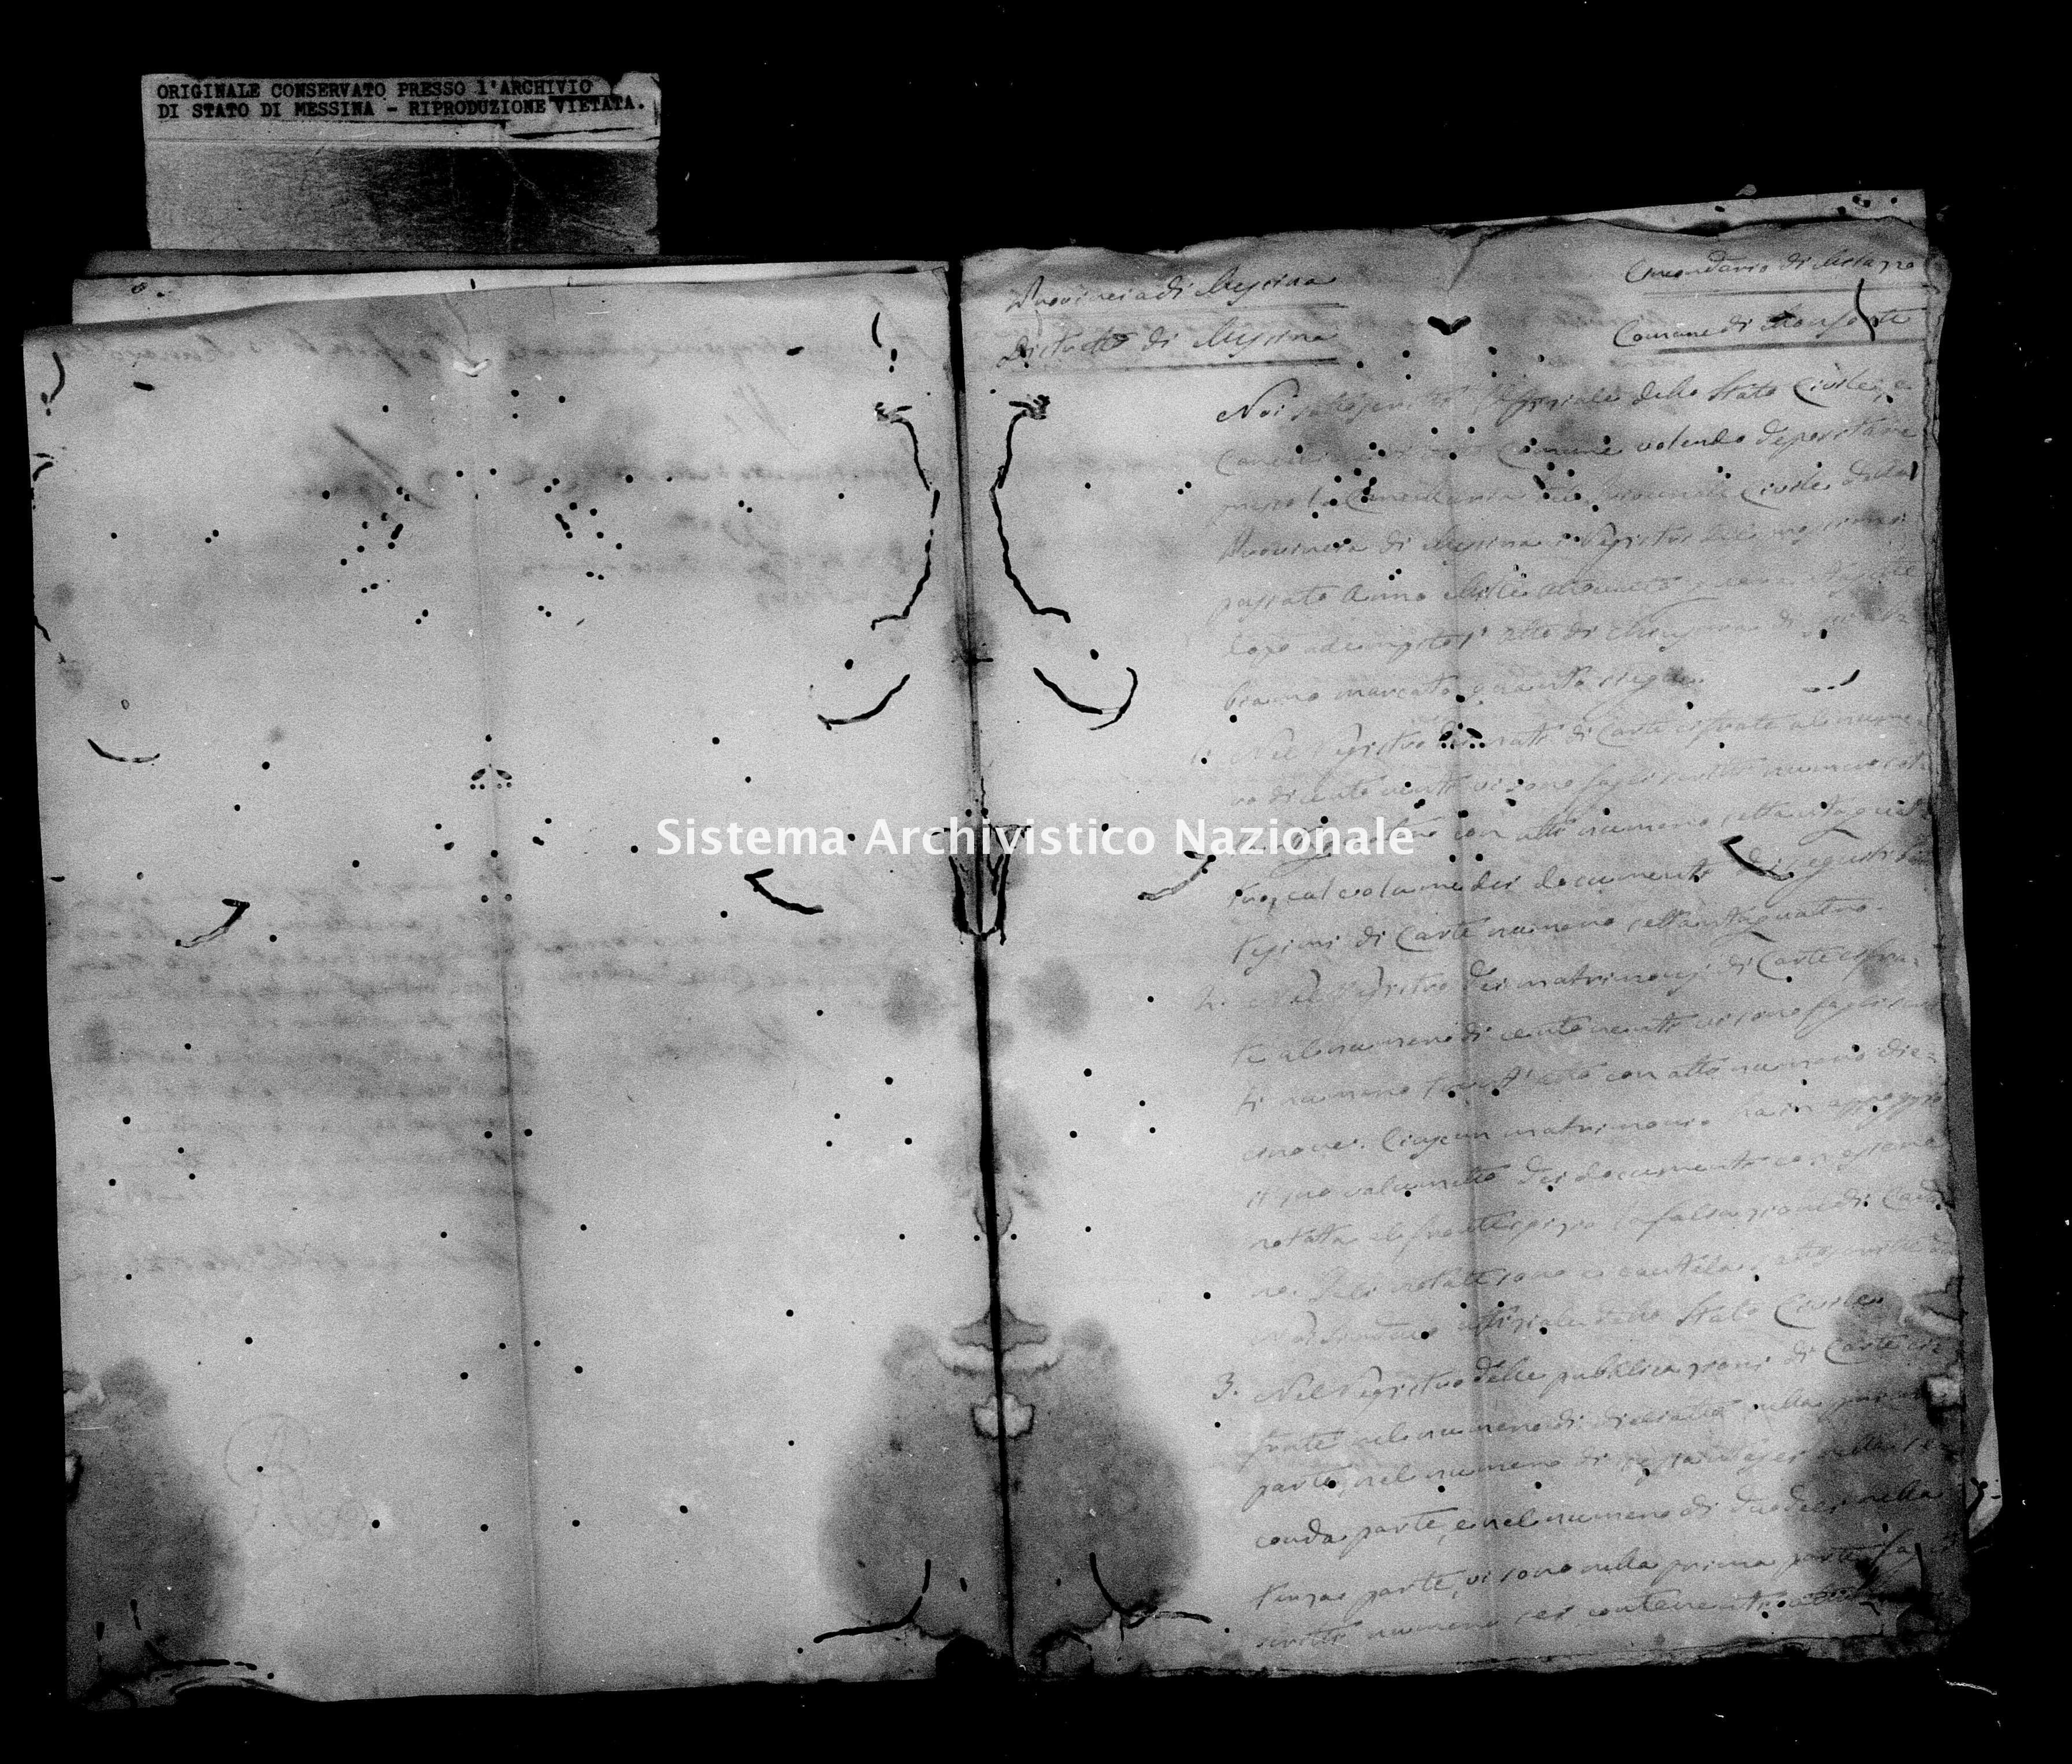 Archivio di stato di Messina - Stato civile della restaurazione - Monforte - Inventario - 1847 - 854 -